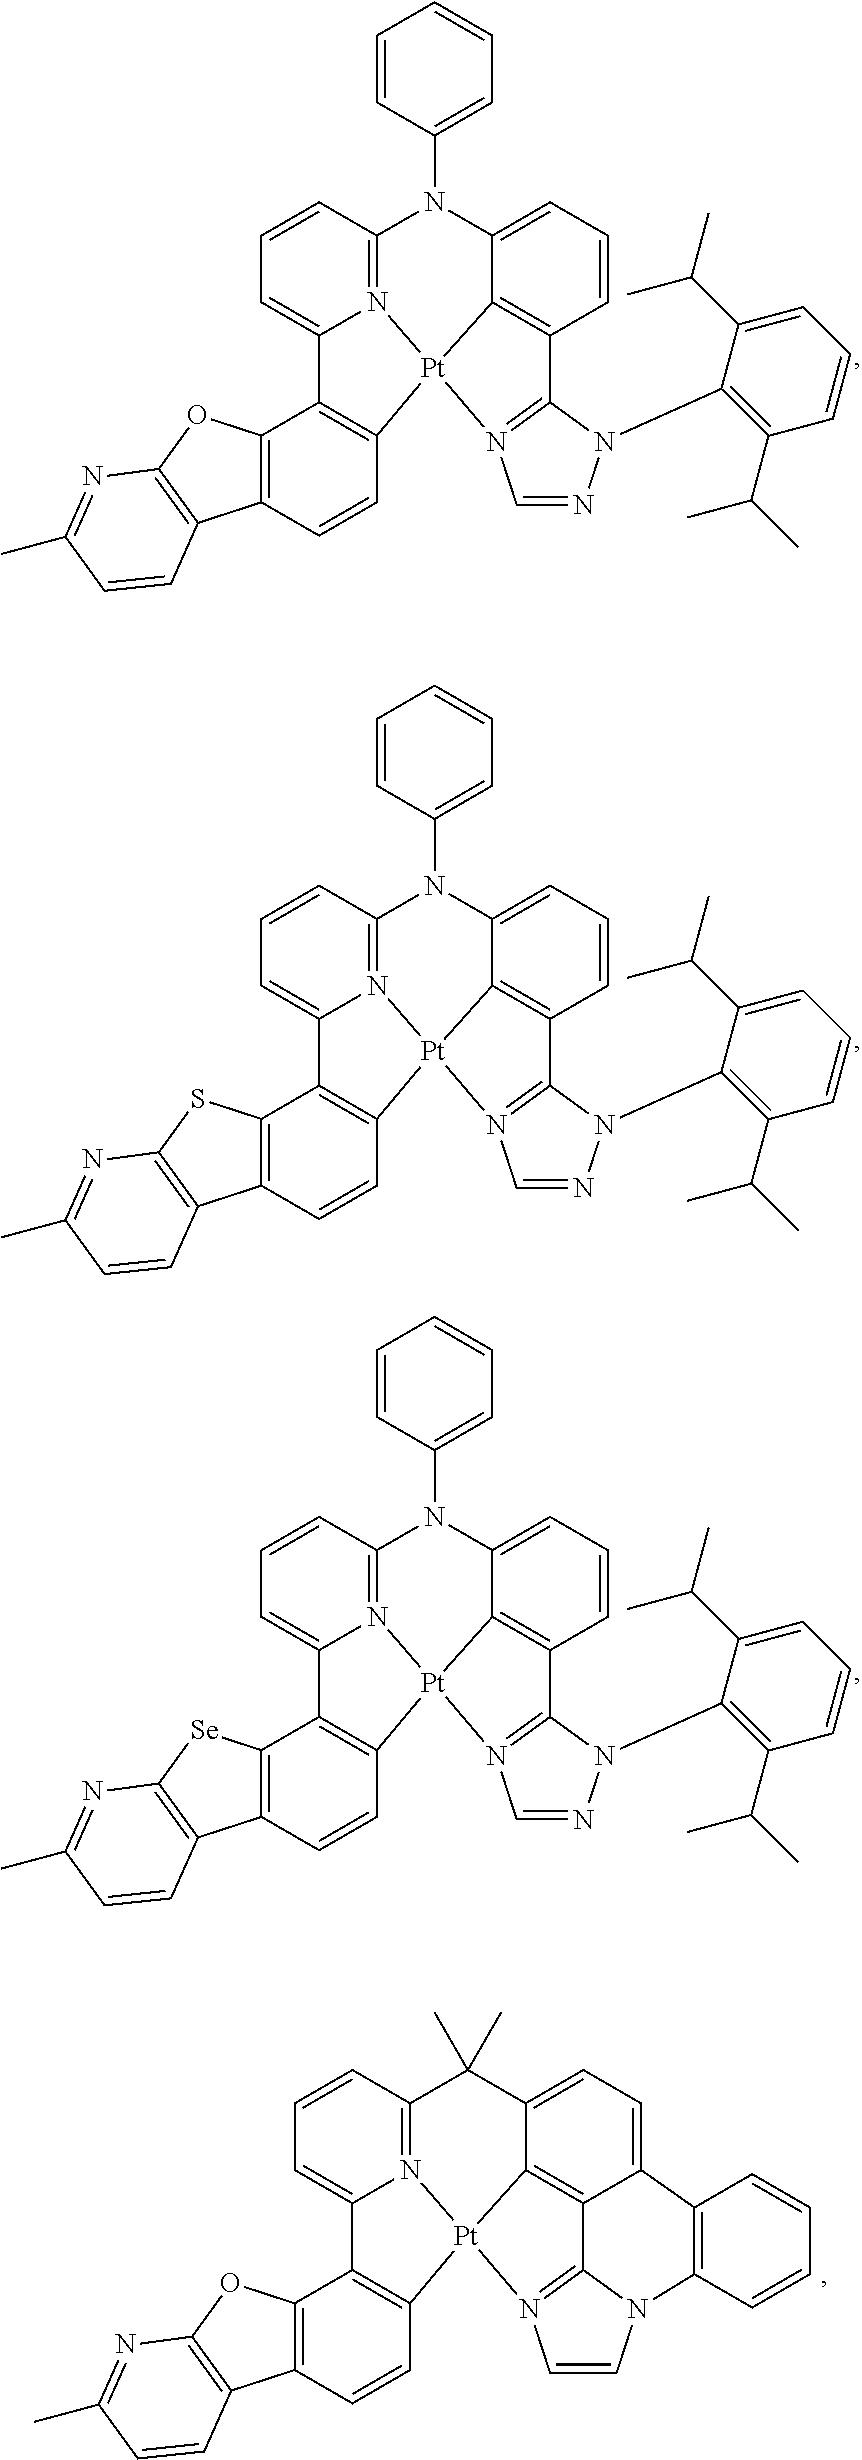 Figure US09871214-20180116-C00287